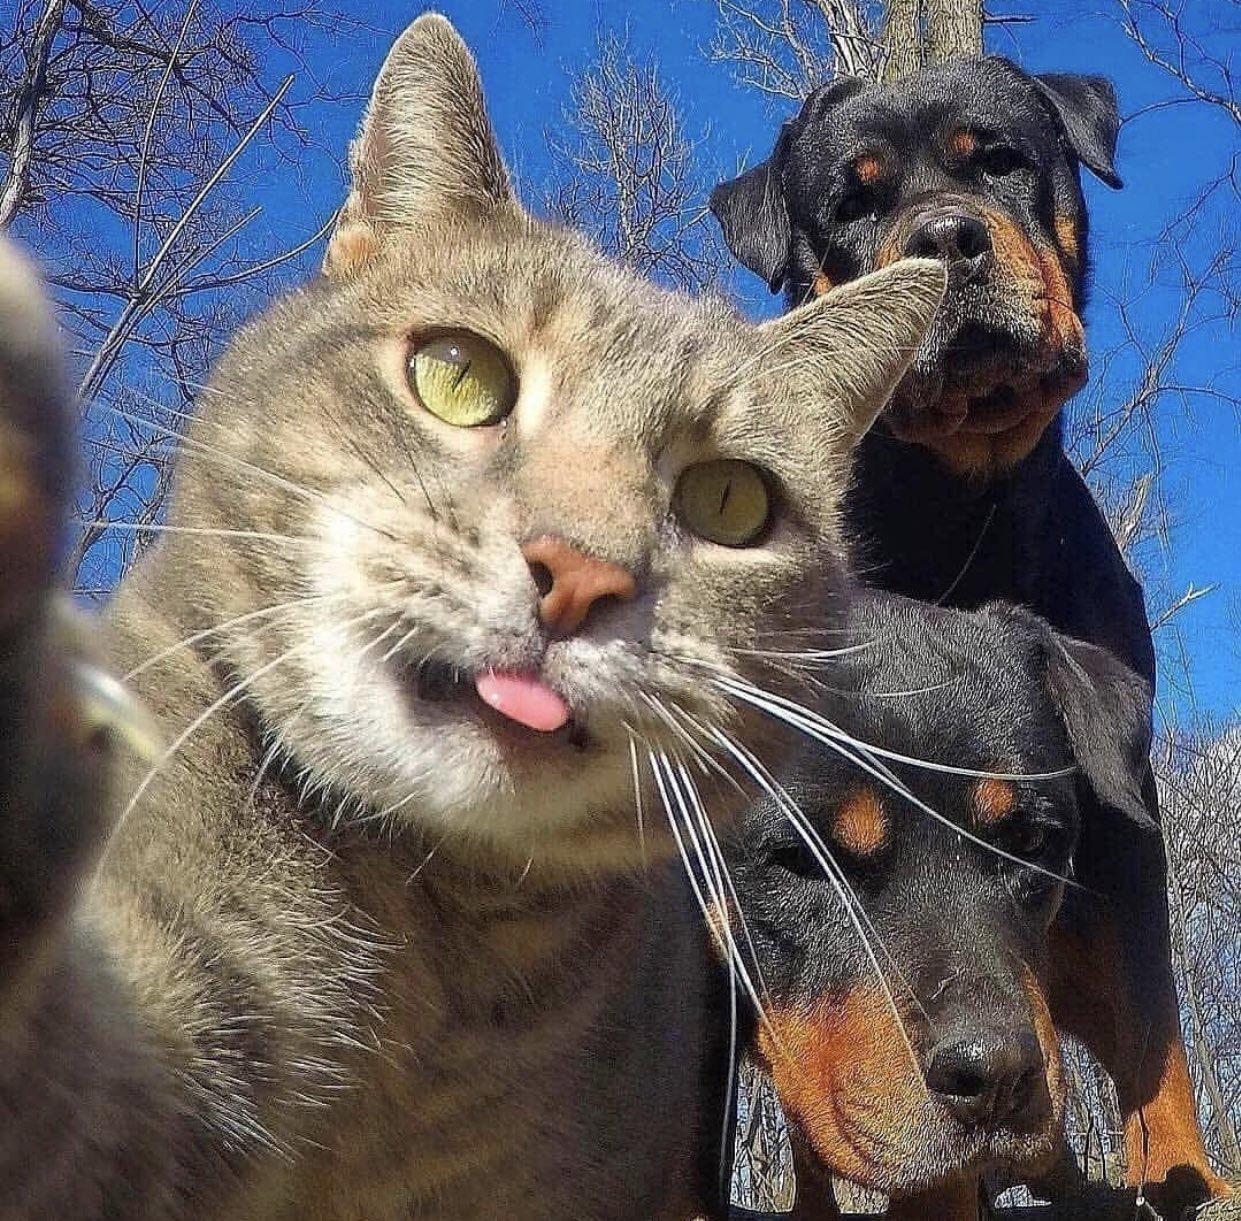 【画像】猫「おい犬カスはよせぇや、準備ええか、ほな撮るで。はい、カツオブシ!」